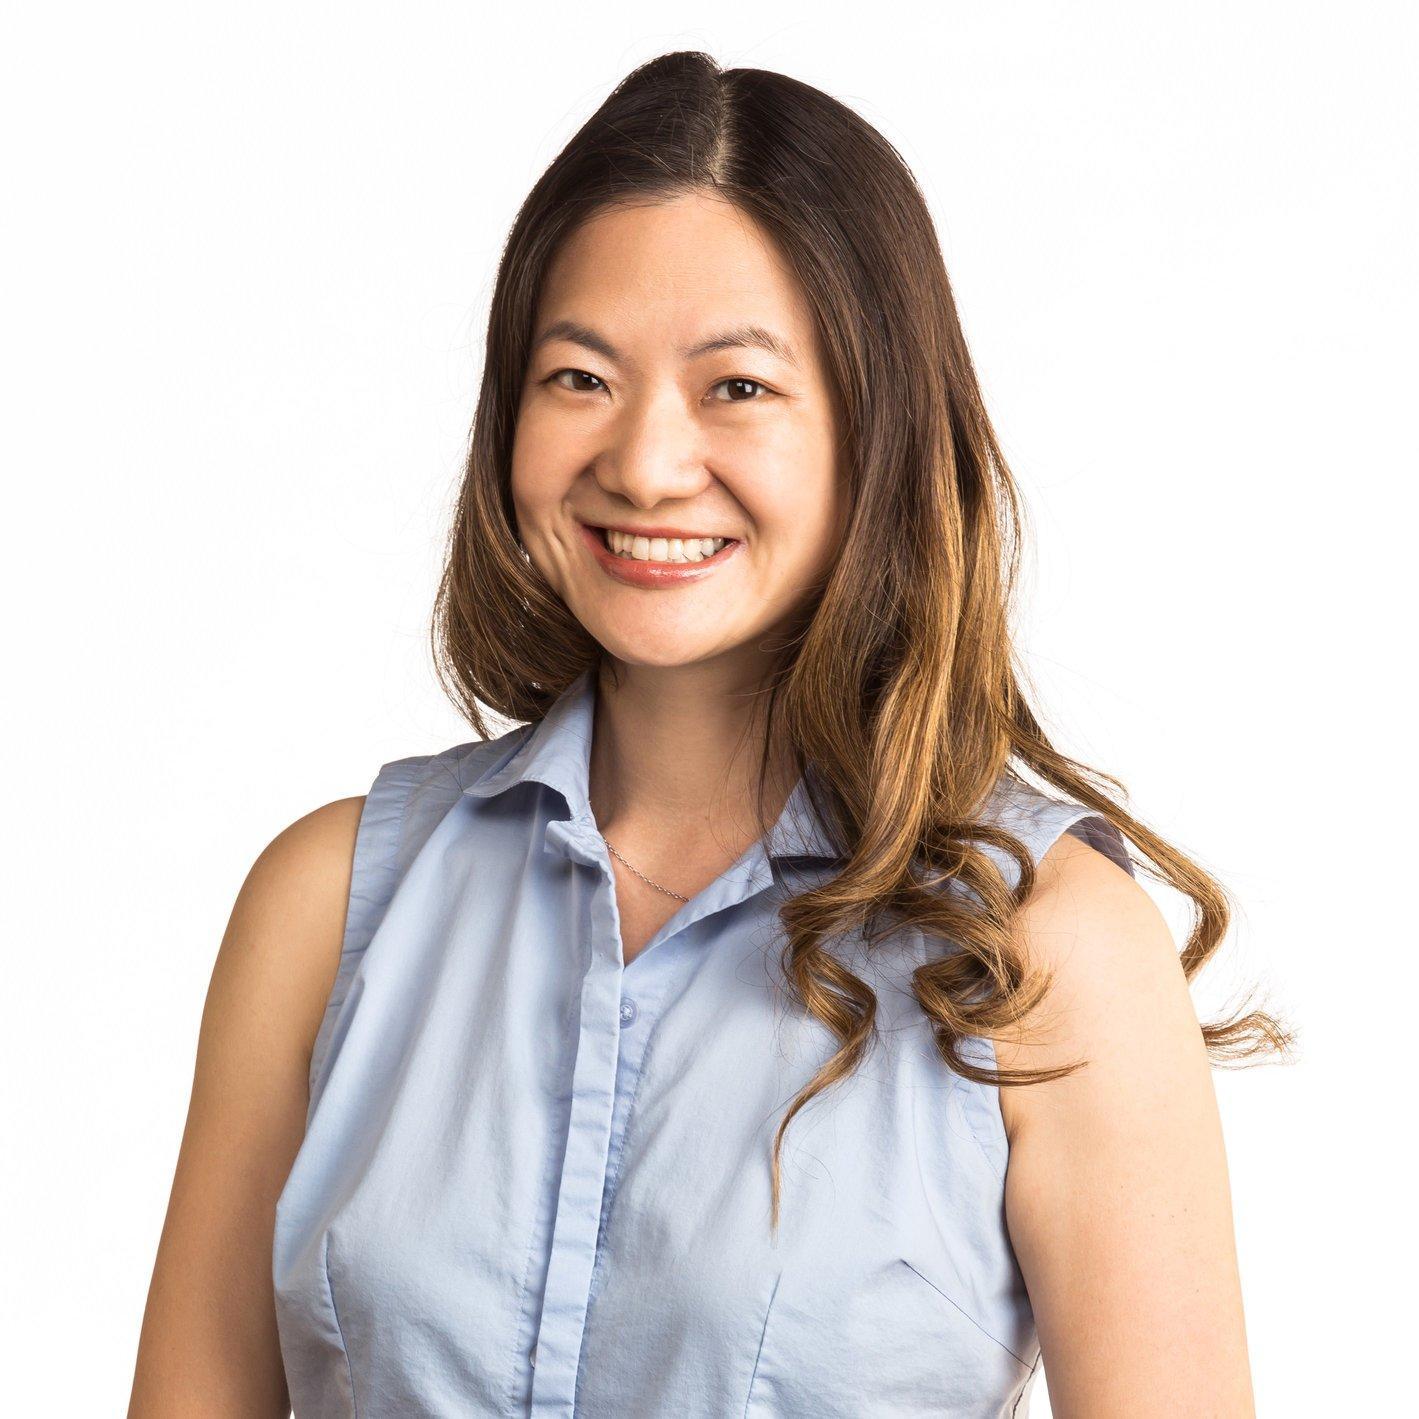 Dr. Anita Lee